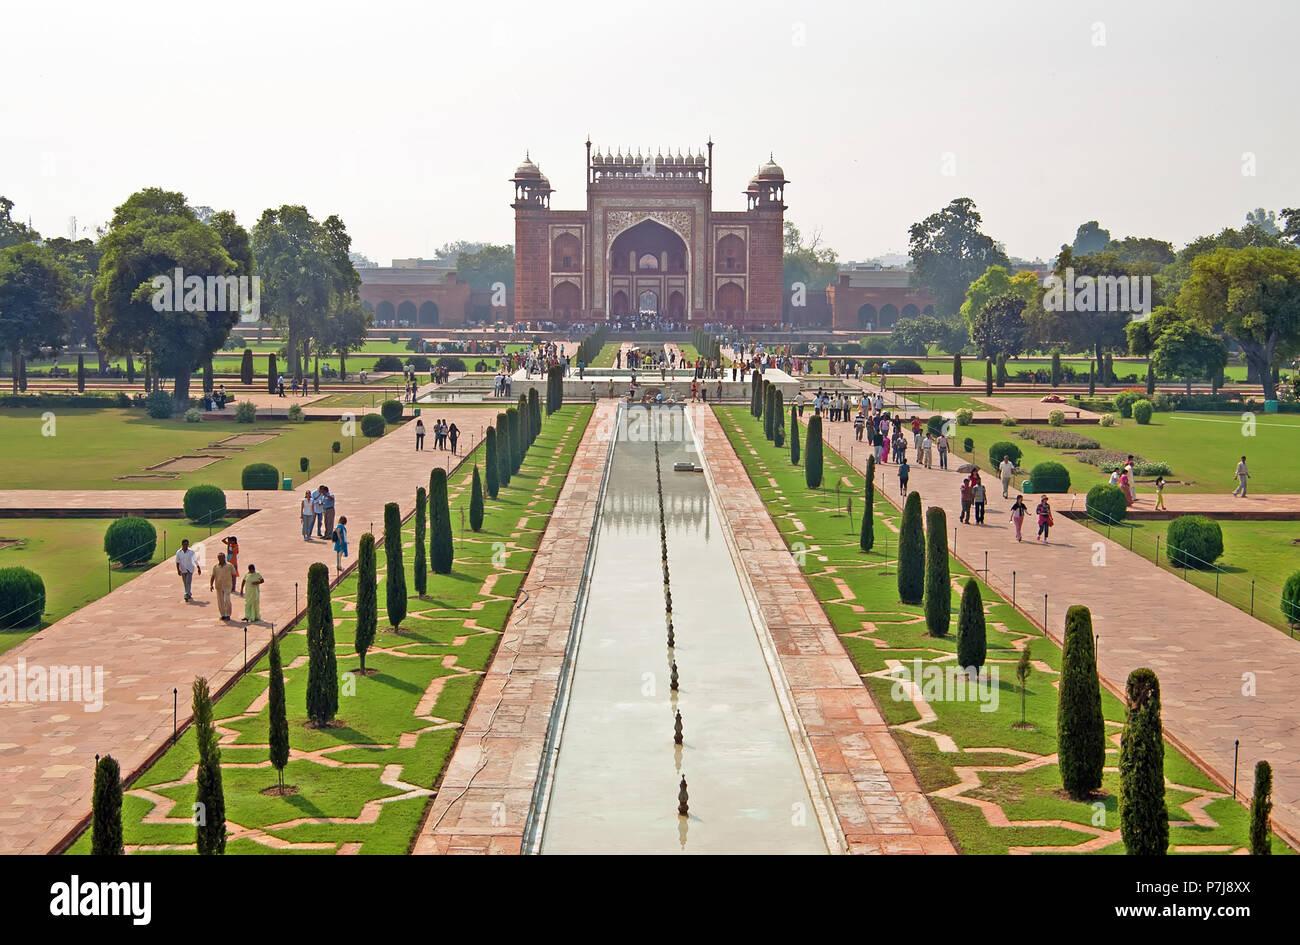 AGRA, India - 18 ottobre 2008: vista su ingresso al Taj Mahal complesso in Agra, India. Esso è stato commissionato nel 1632 dall'imperatore Mughal Immagini Stock